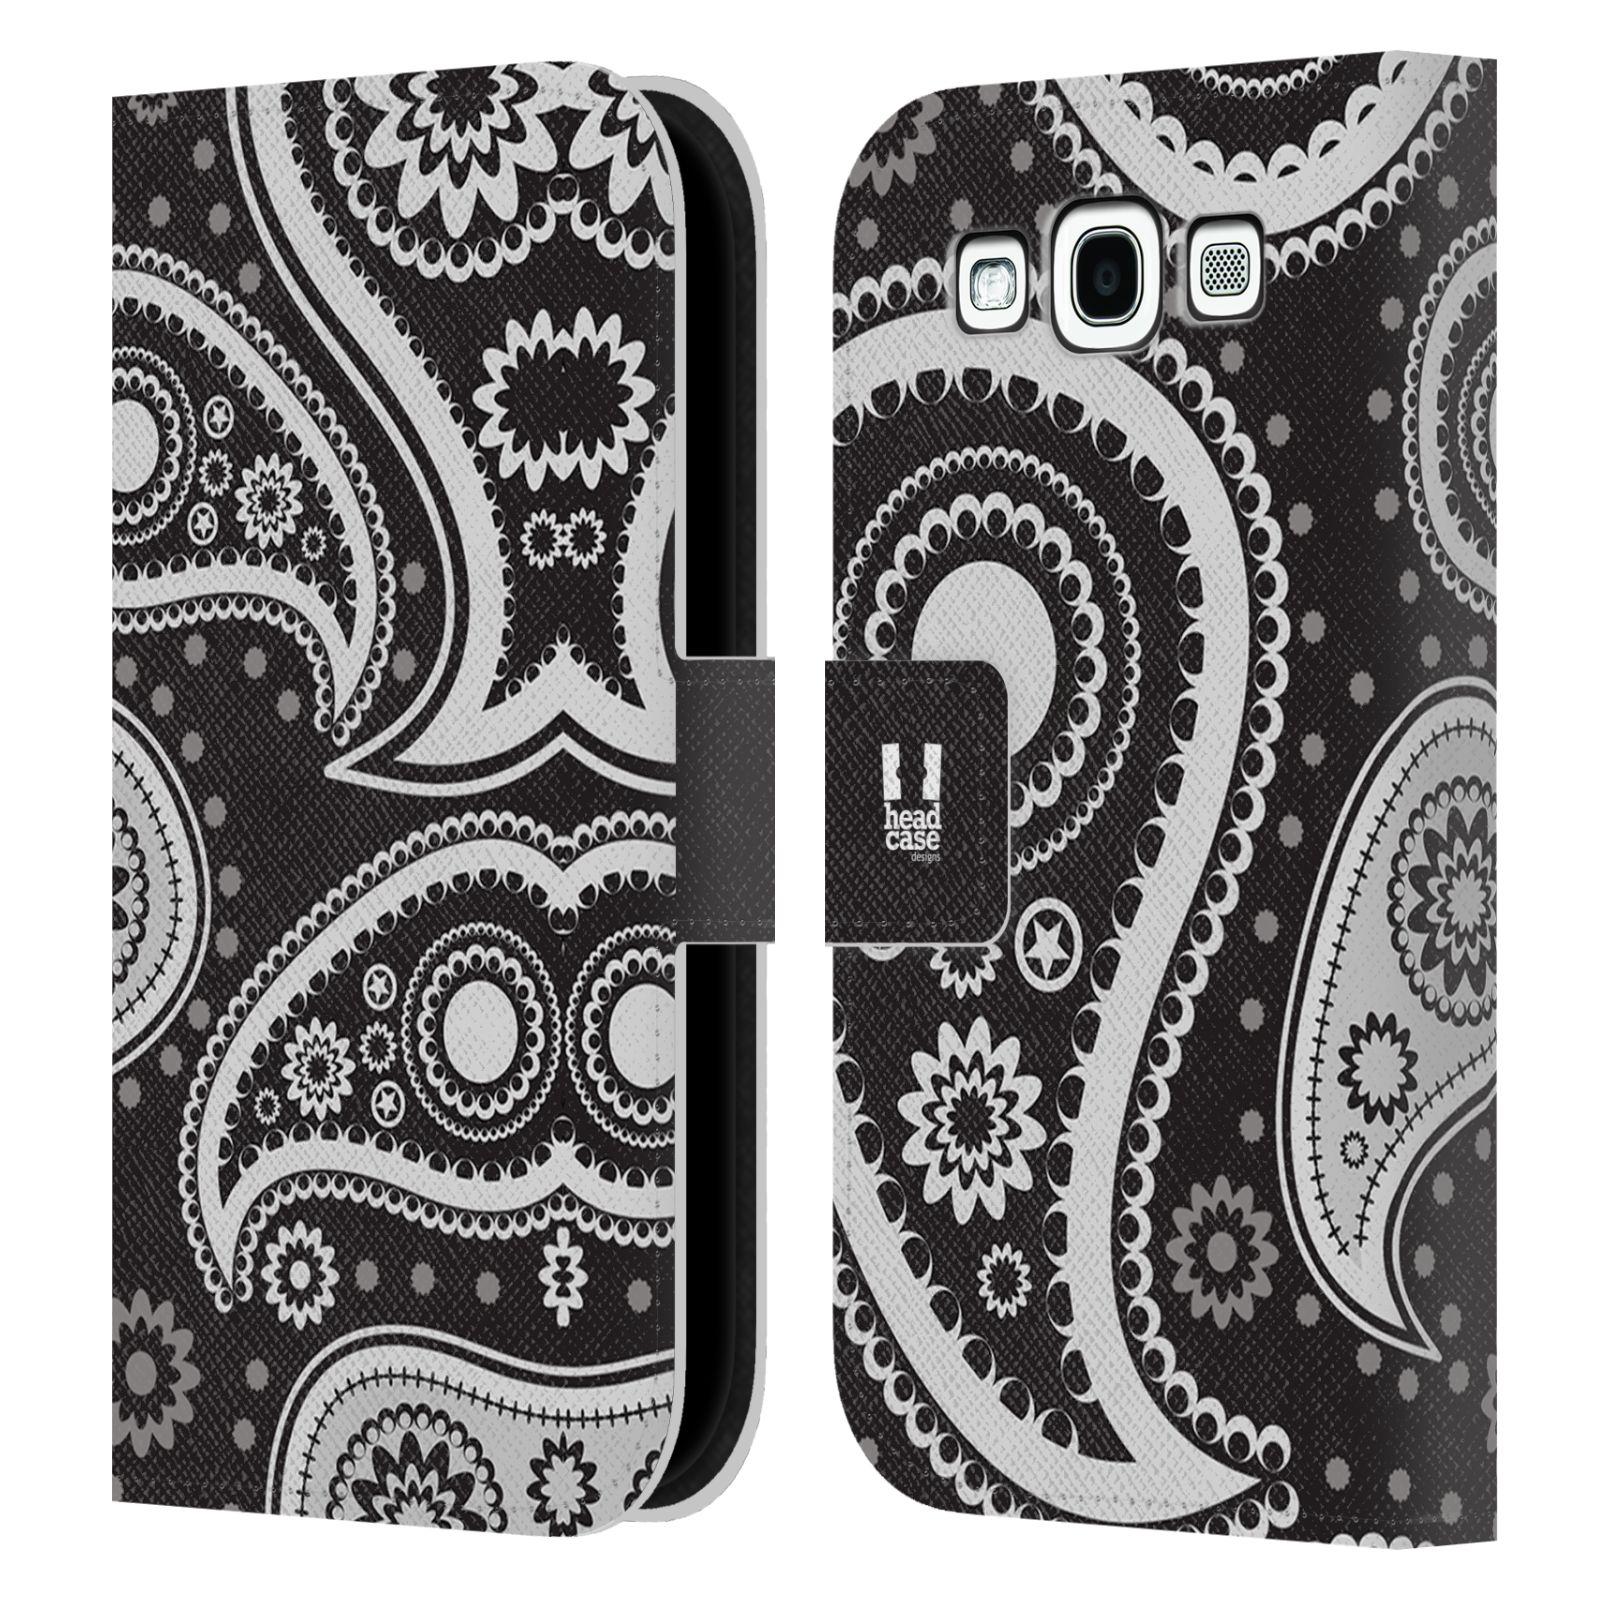 HEAD CASE Flipové pouzdro pro mobil Samsung Galaxy S3 barevné slzy černá a bílá